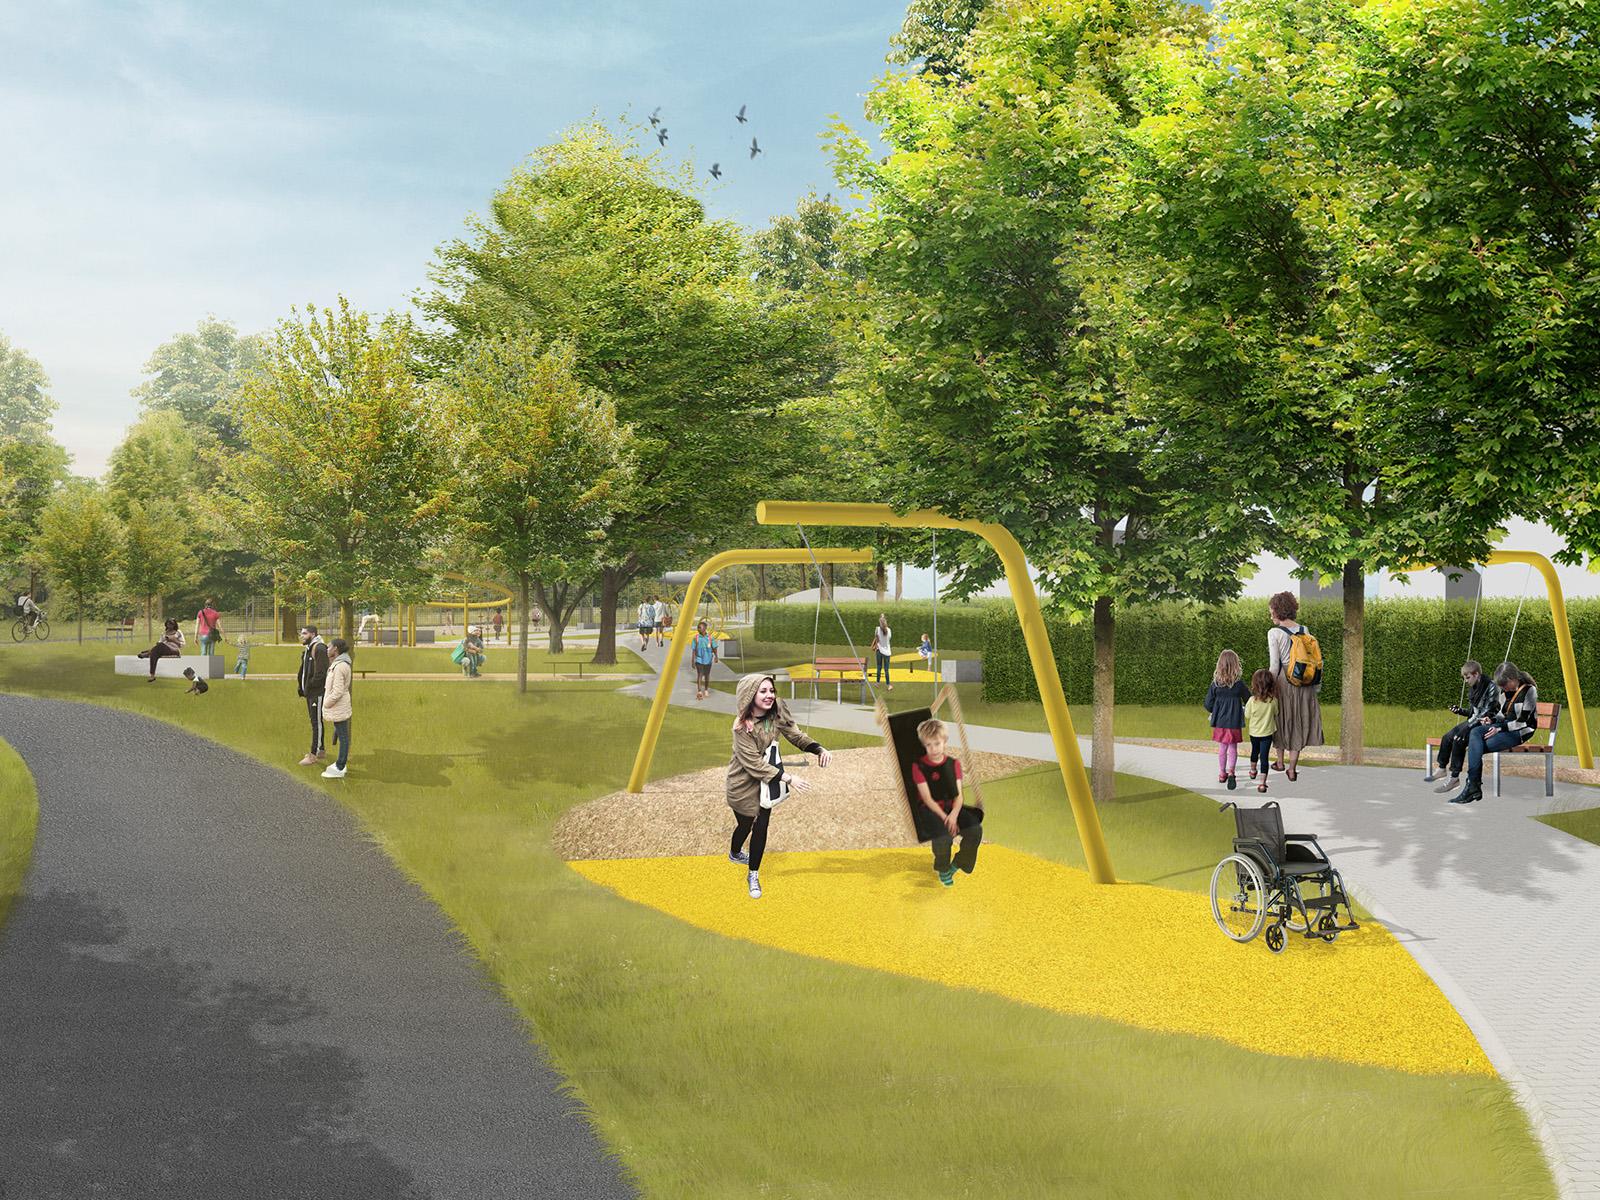 Visualisierung einer Spielplatzneugestaltung, im Vordergrund ein schaukelndes Kind, im Hintergrund weitere Spielgeräte und Sitzmöglichkeiten sowie zahlreiche Bäume